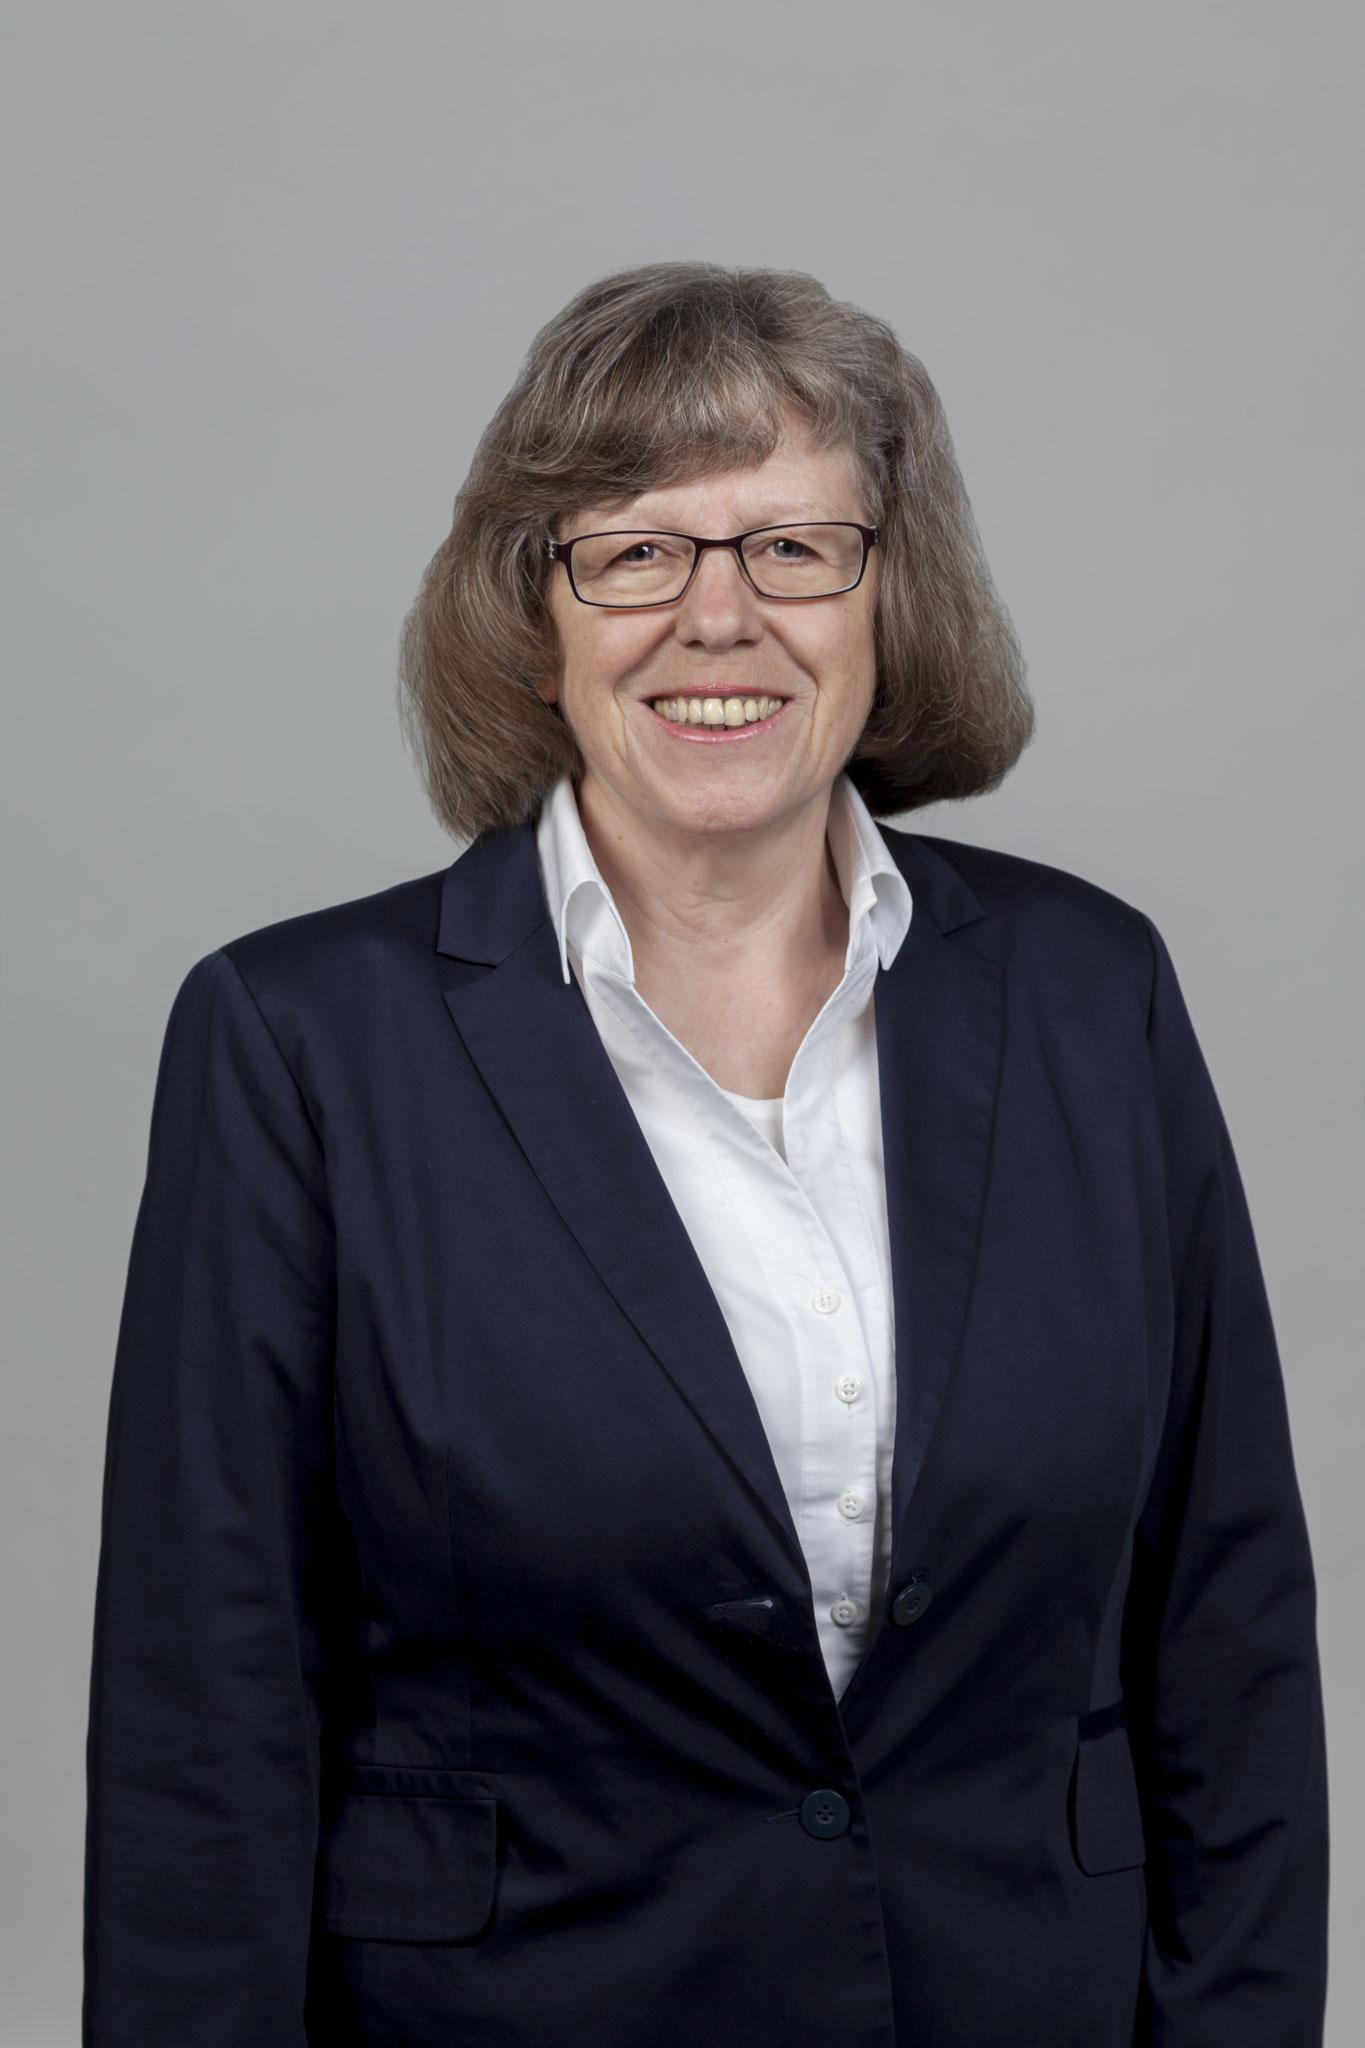 Evelin Tiedemann